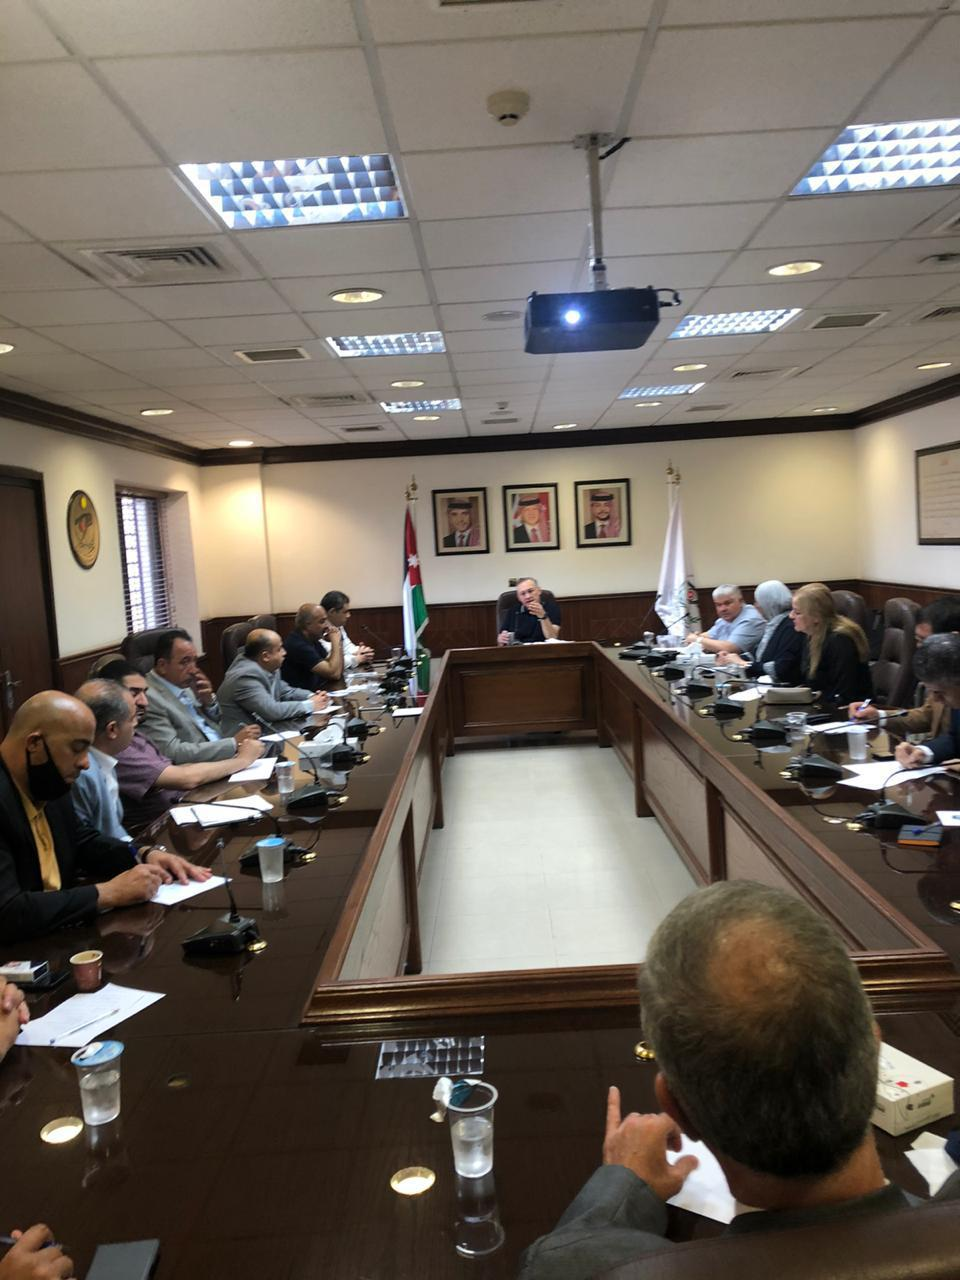 حجازي: سنكافح الفساد بصرف النظر عن مستويات ممارسيها ومراكزهم الاجتماعية والرسمية